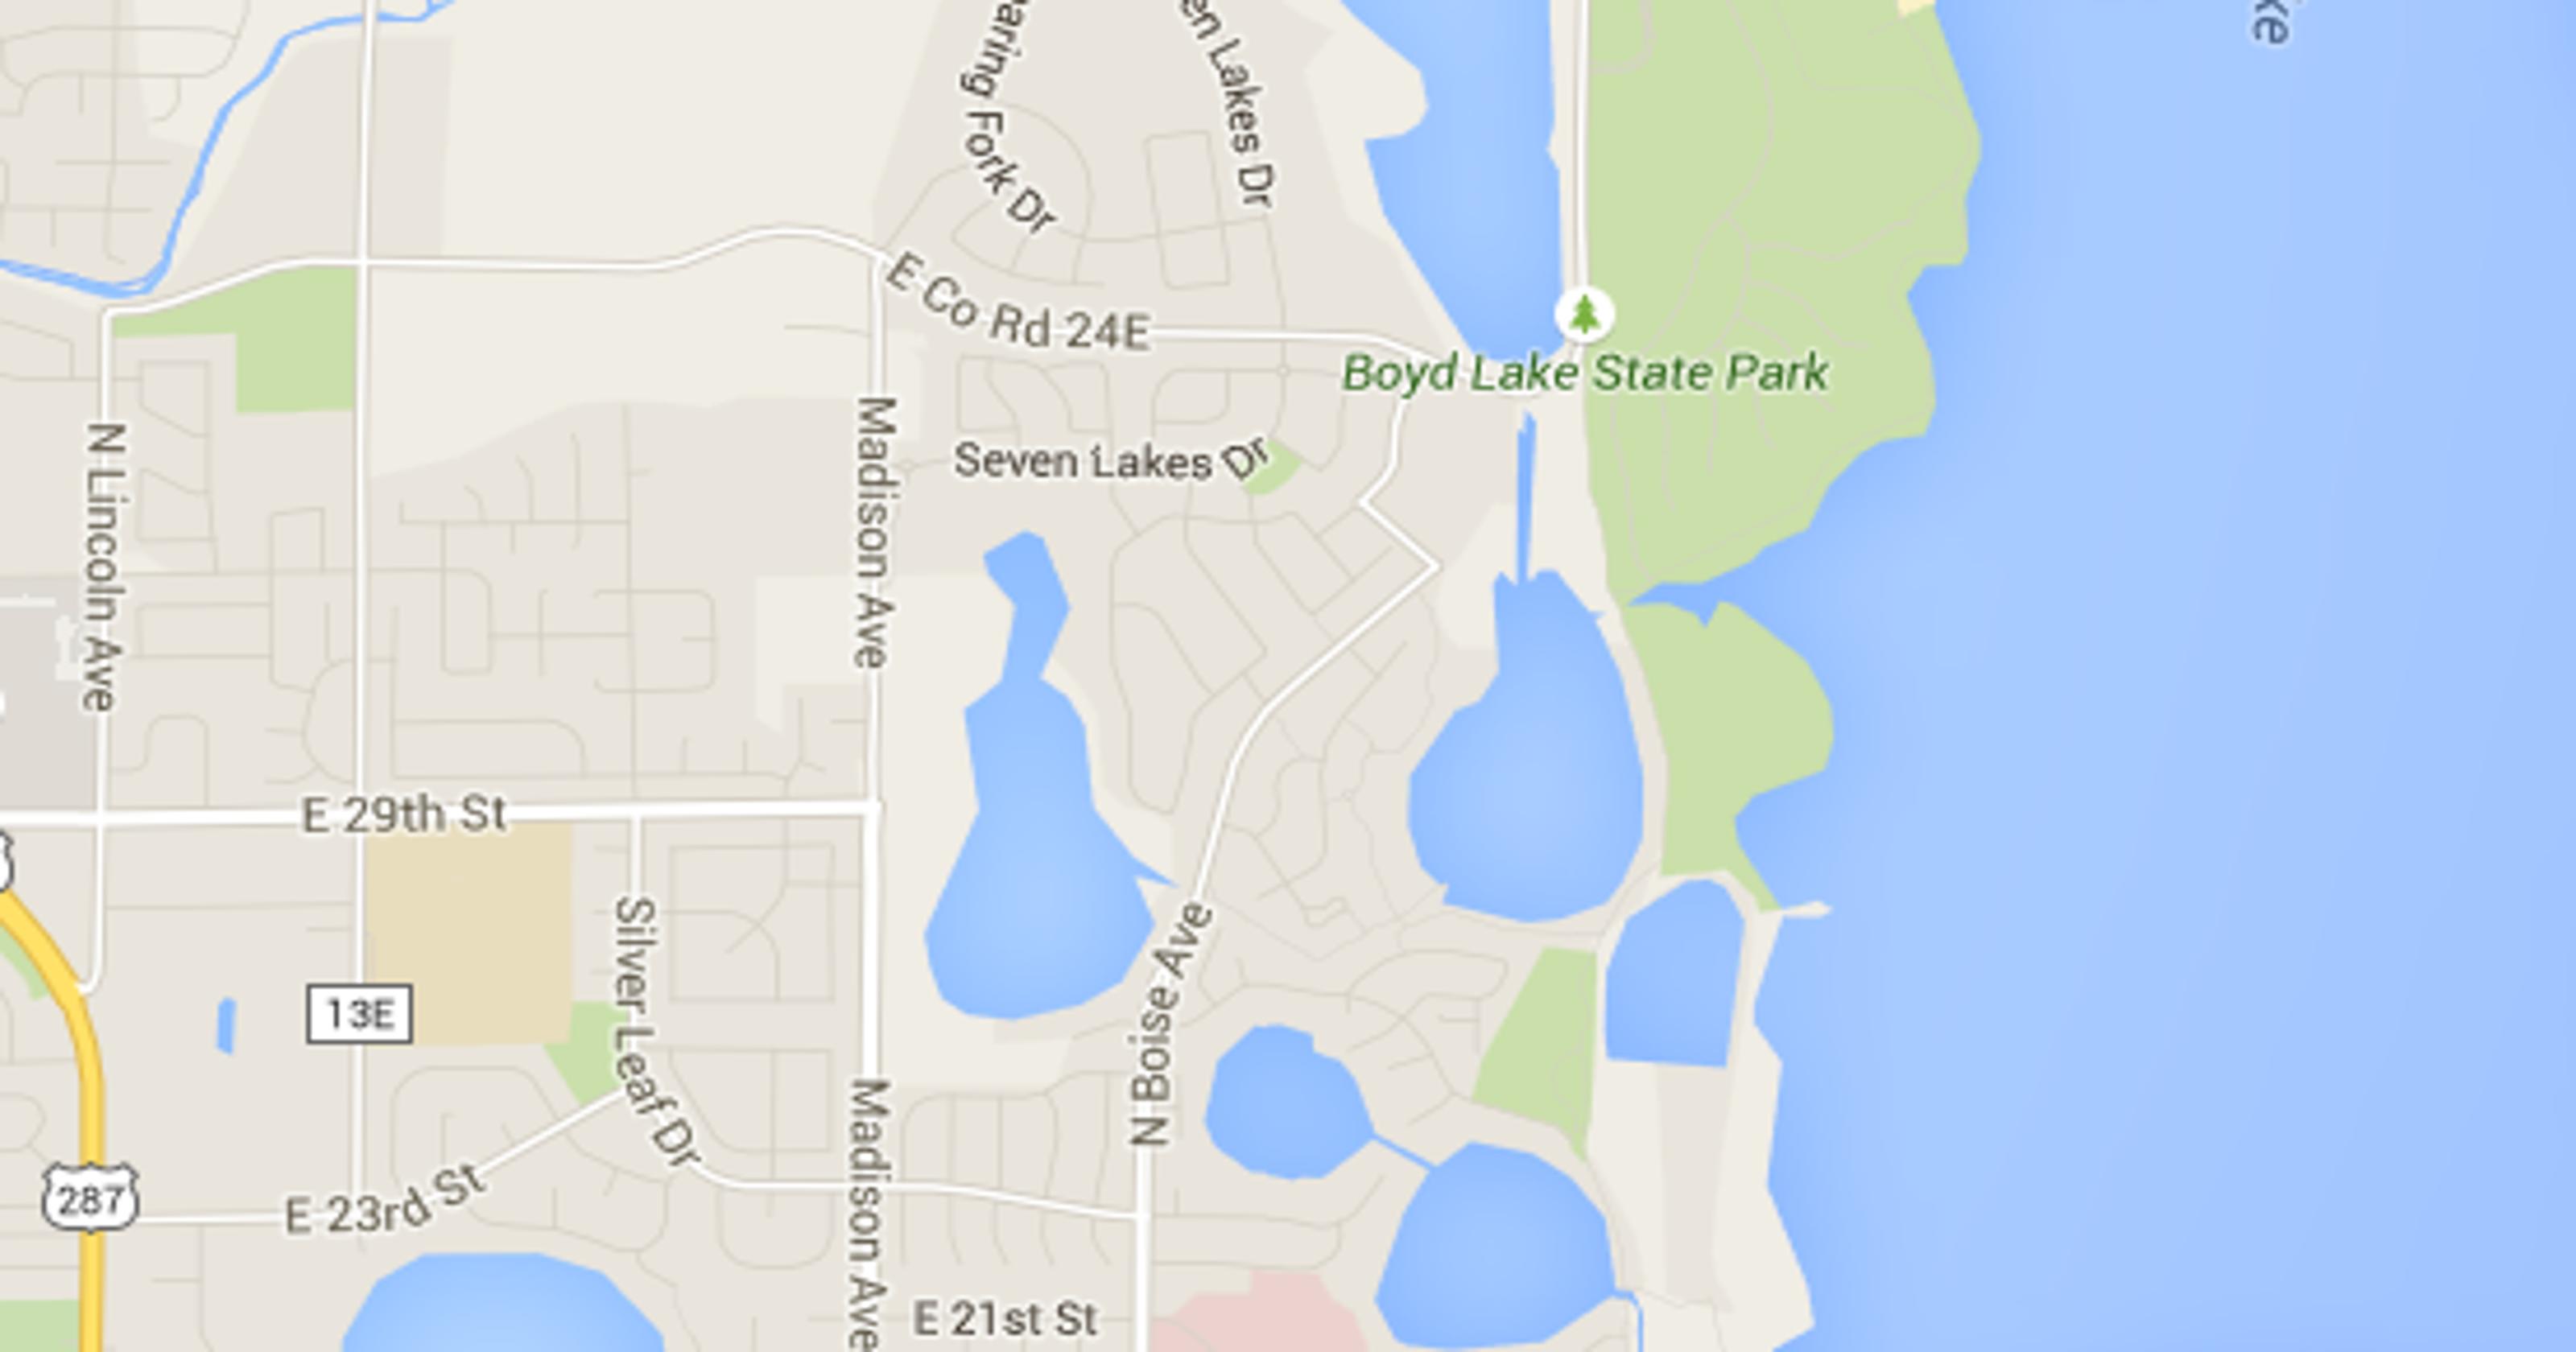 Crash Madison Plan State Street >> Loveland Man Dies In Crash Near Boyd Lake